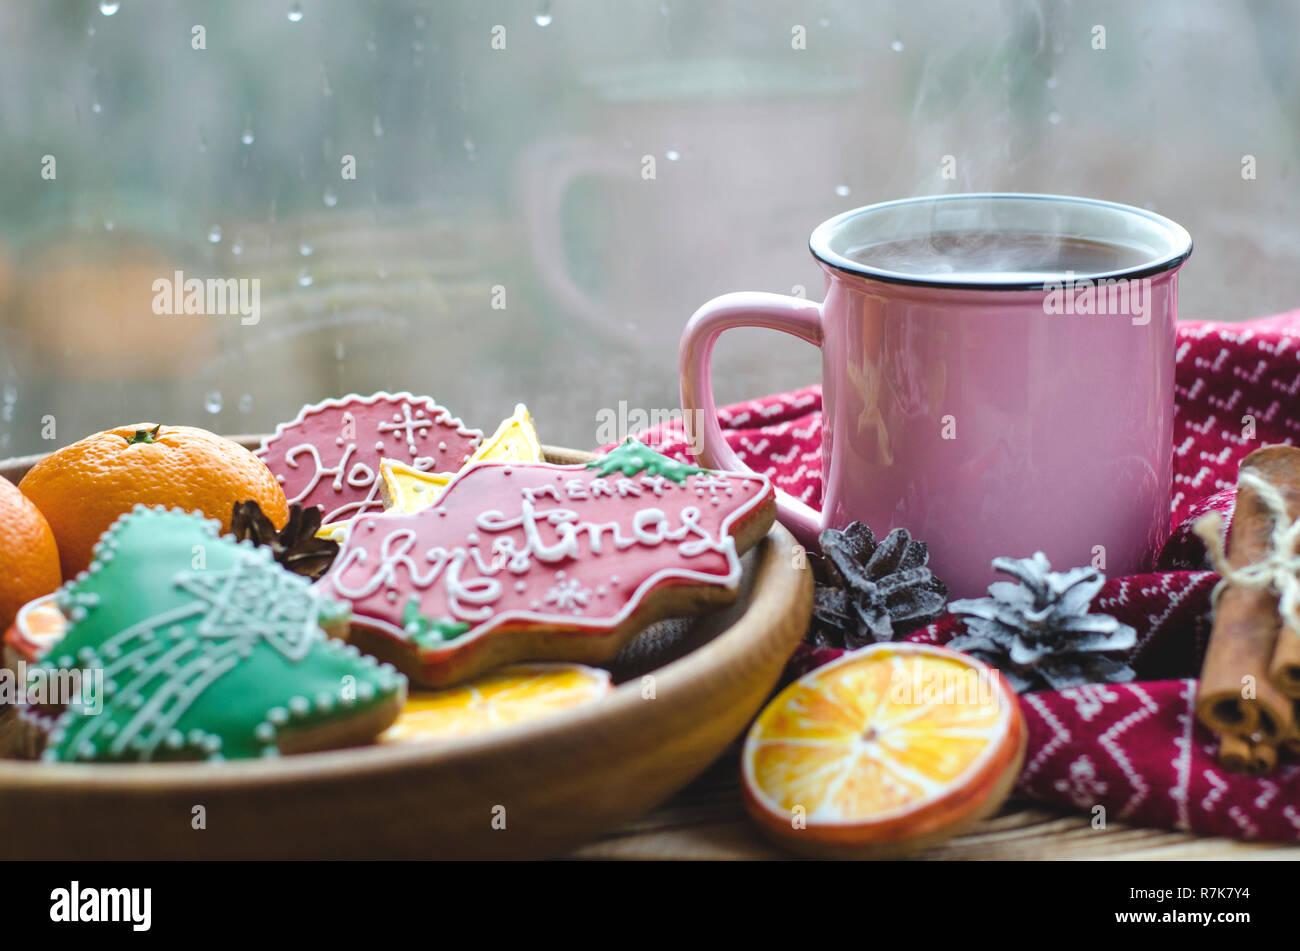 Eine heiße Tasse Tee steht auf einem hölzernen Tisch neben ...